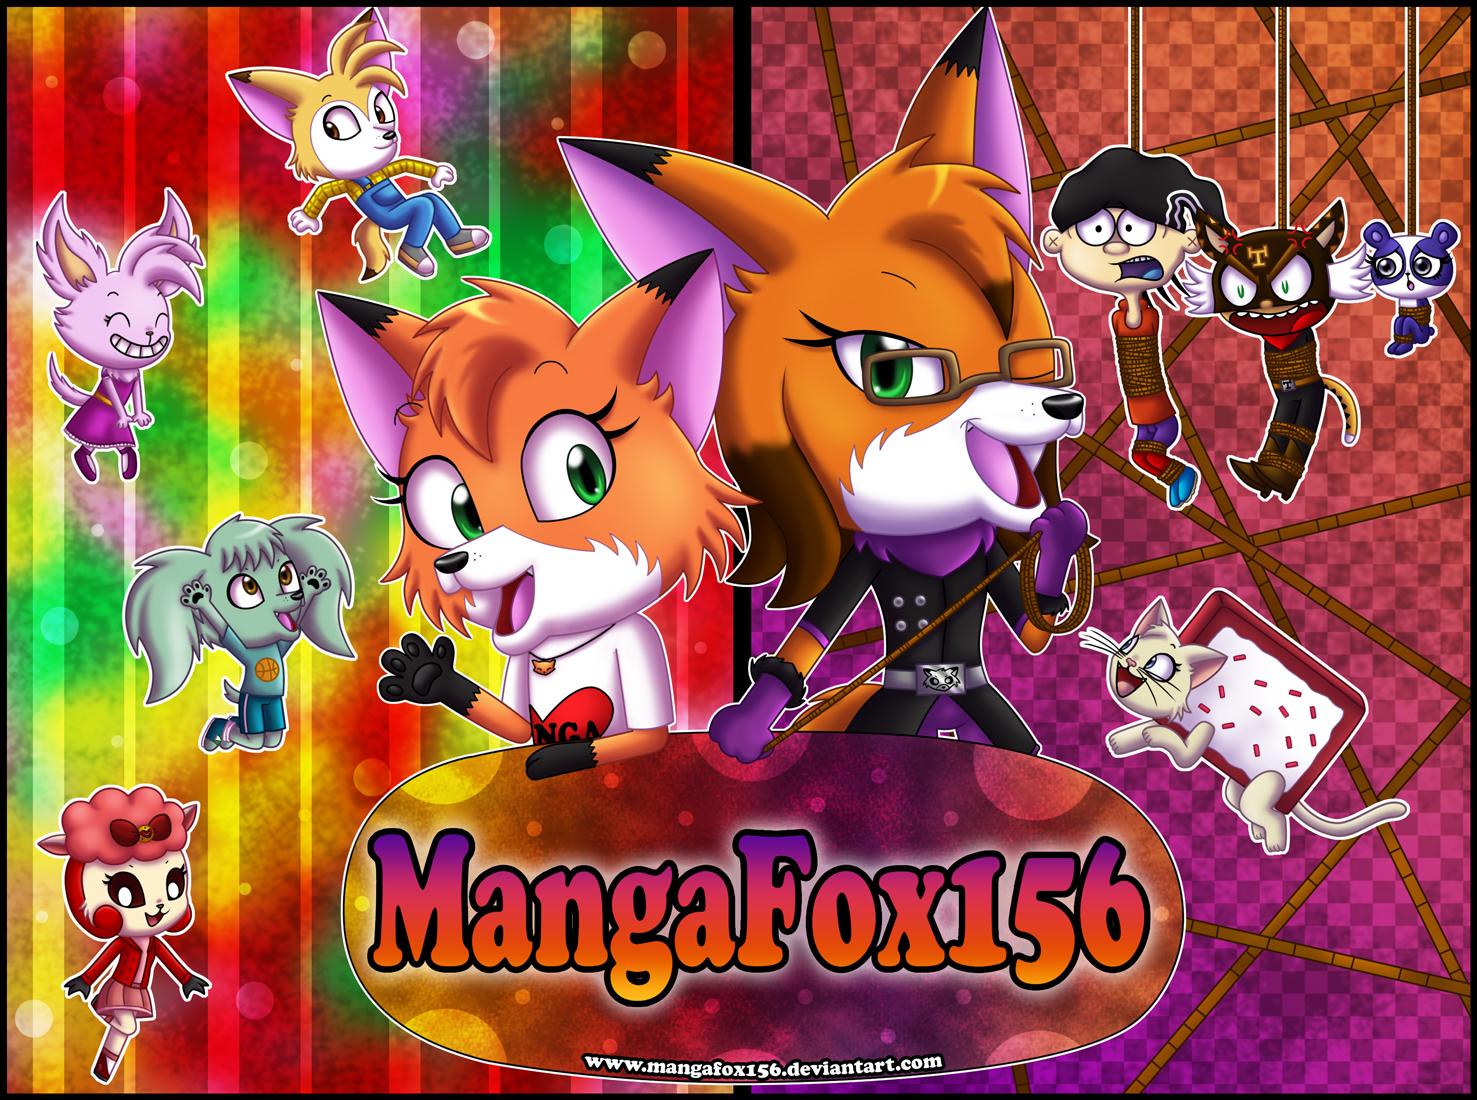 MangaFox156's Profile Picture